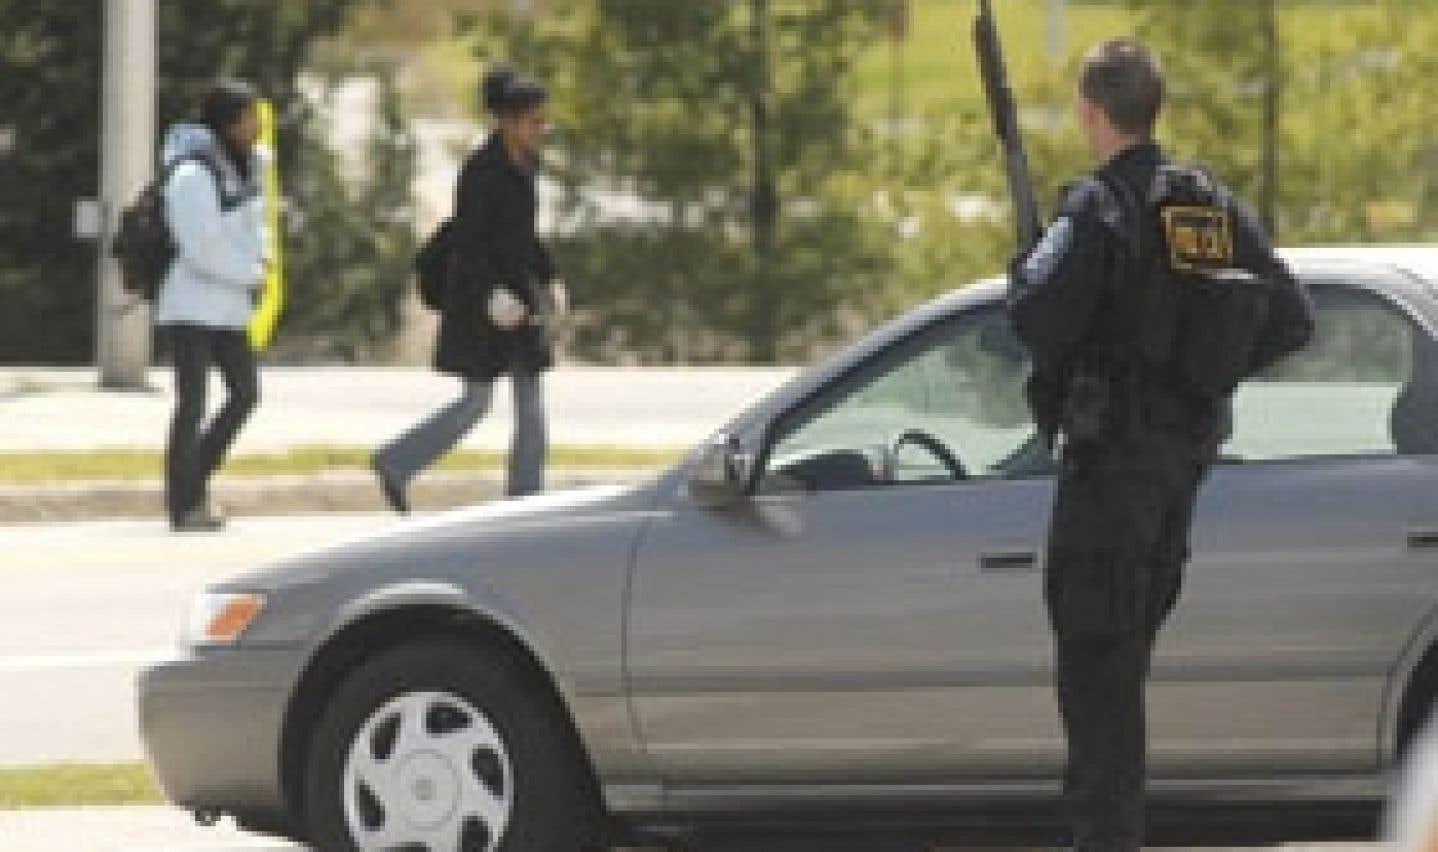 Tuerie à l'Université Virginia Tech - «J'ai vu les balles frapper le corps des gens. Il y avait du sang partout.»